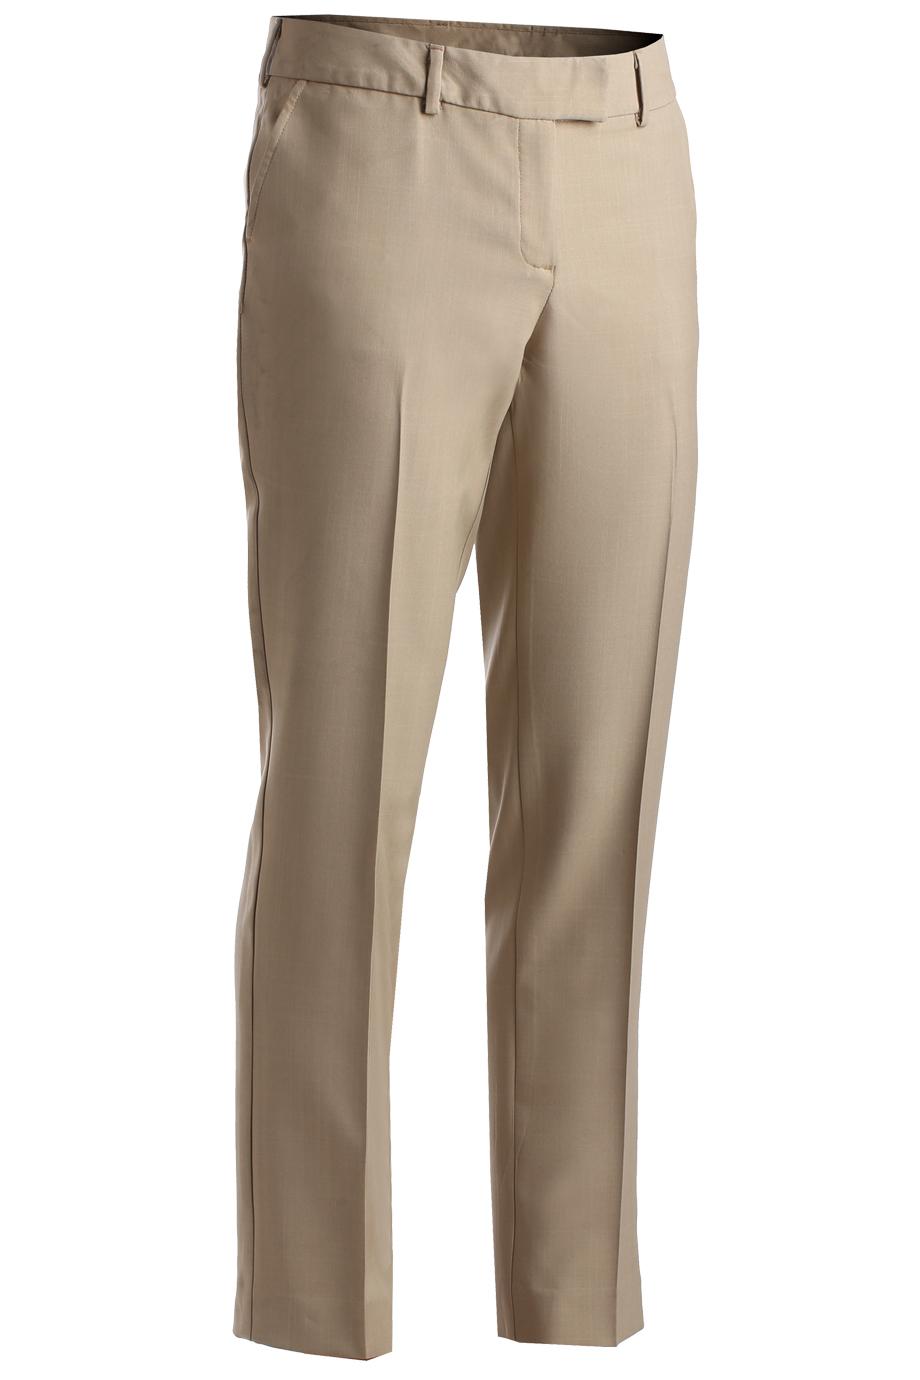 Ladies' Intaglio Flat Front Pant 8760